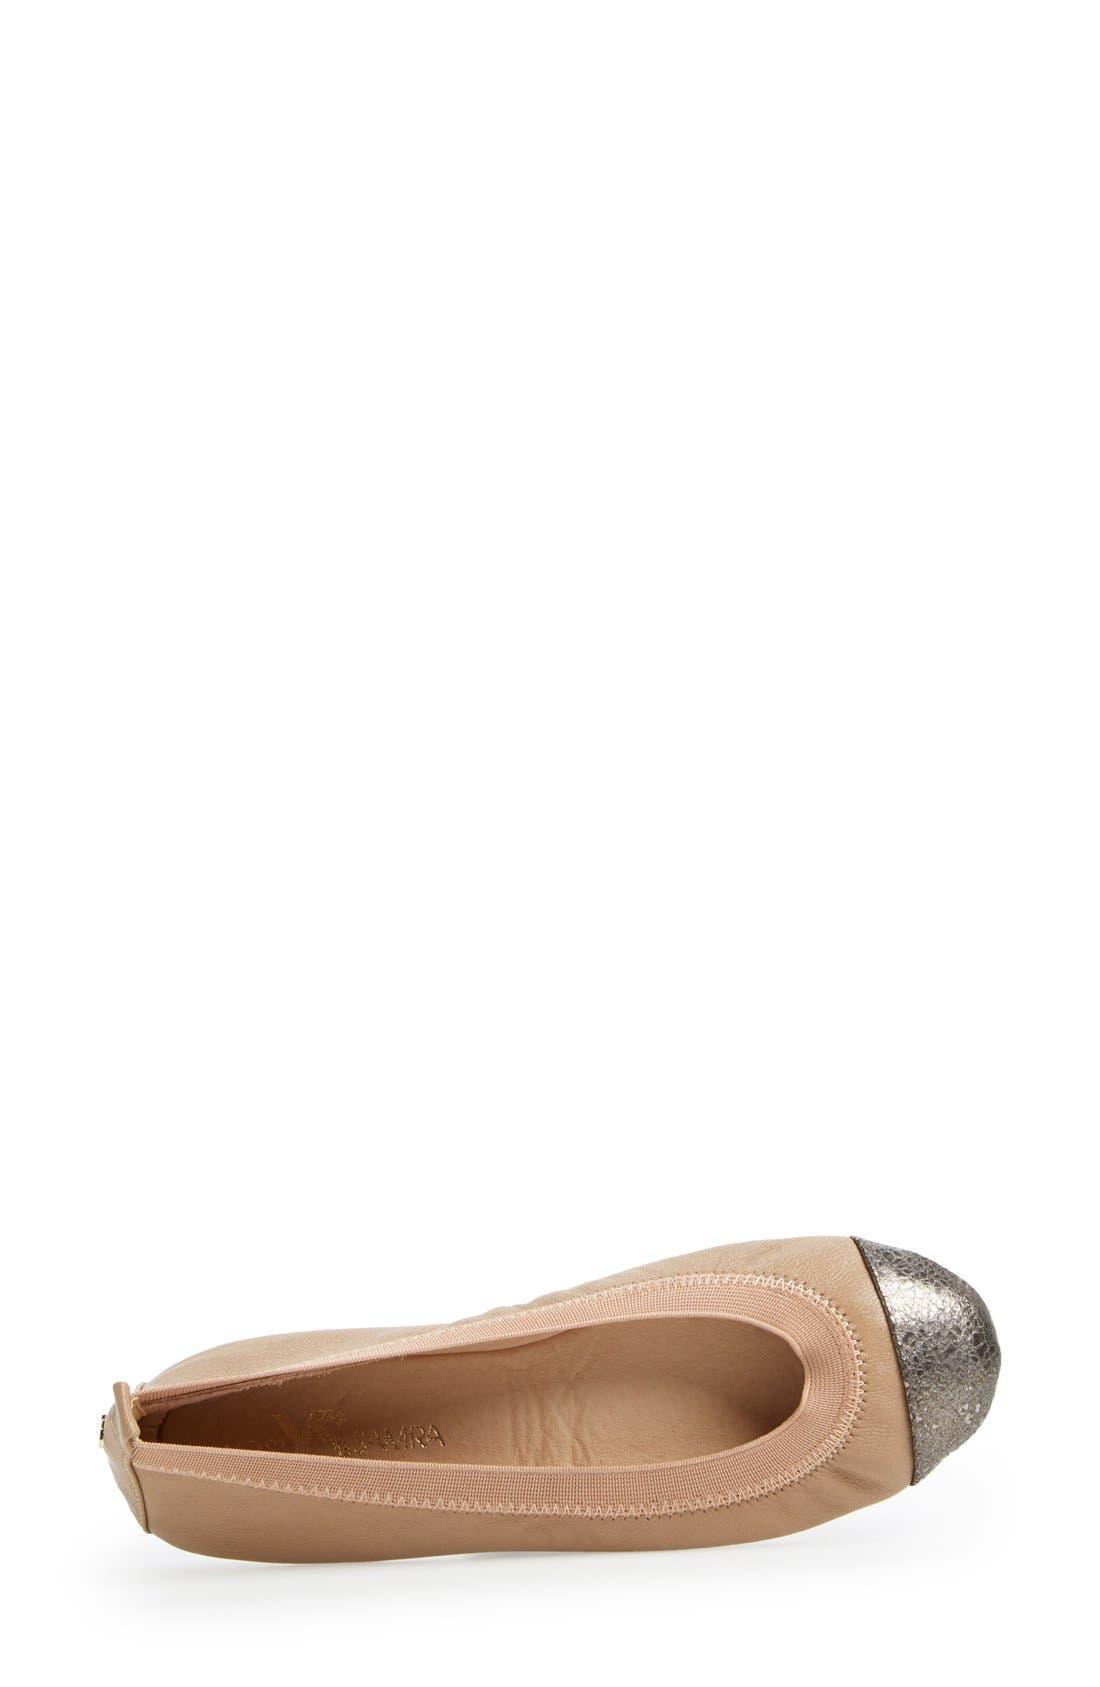 Alternate Image 3  - Yosi Samra 'Samantha' Foldable Ballet Flat (Women)